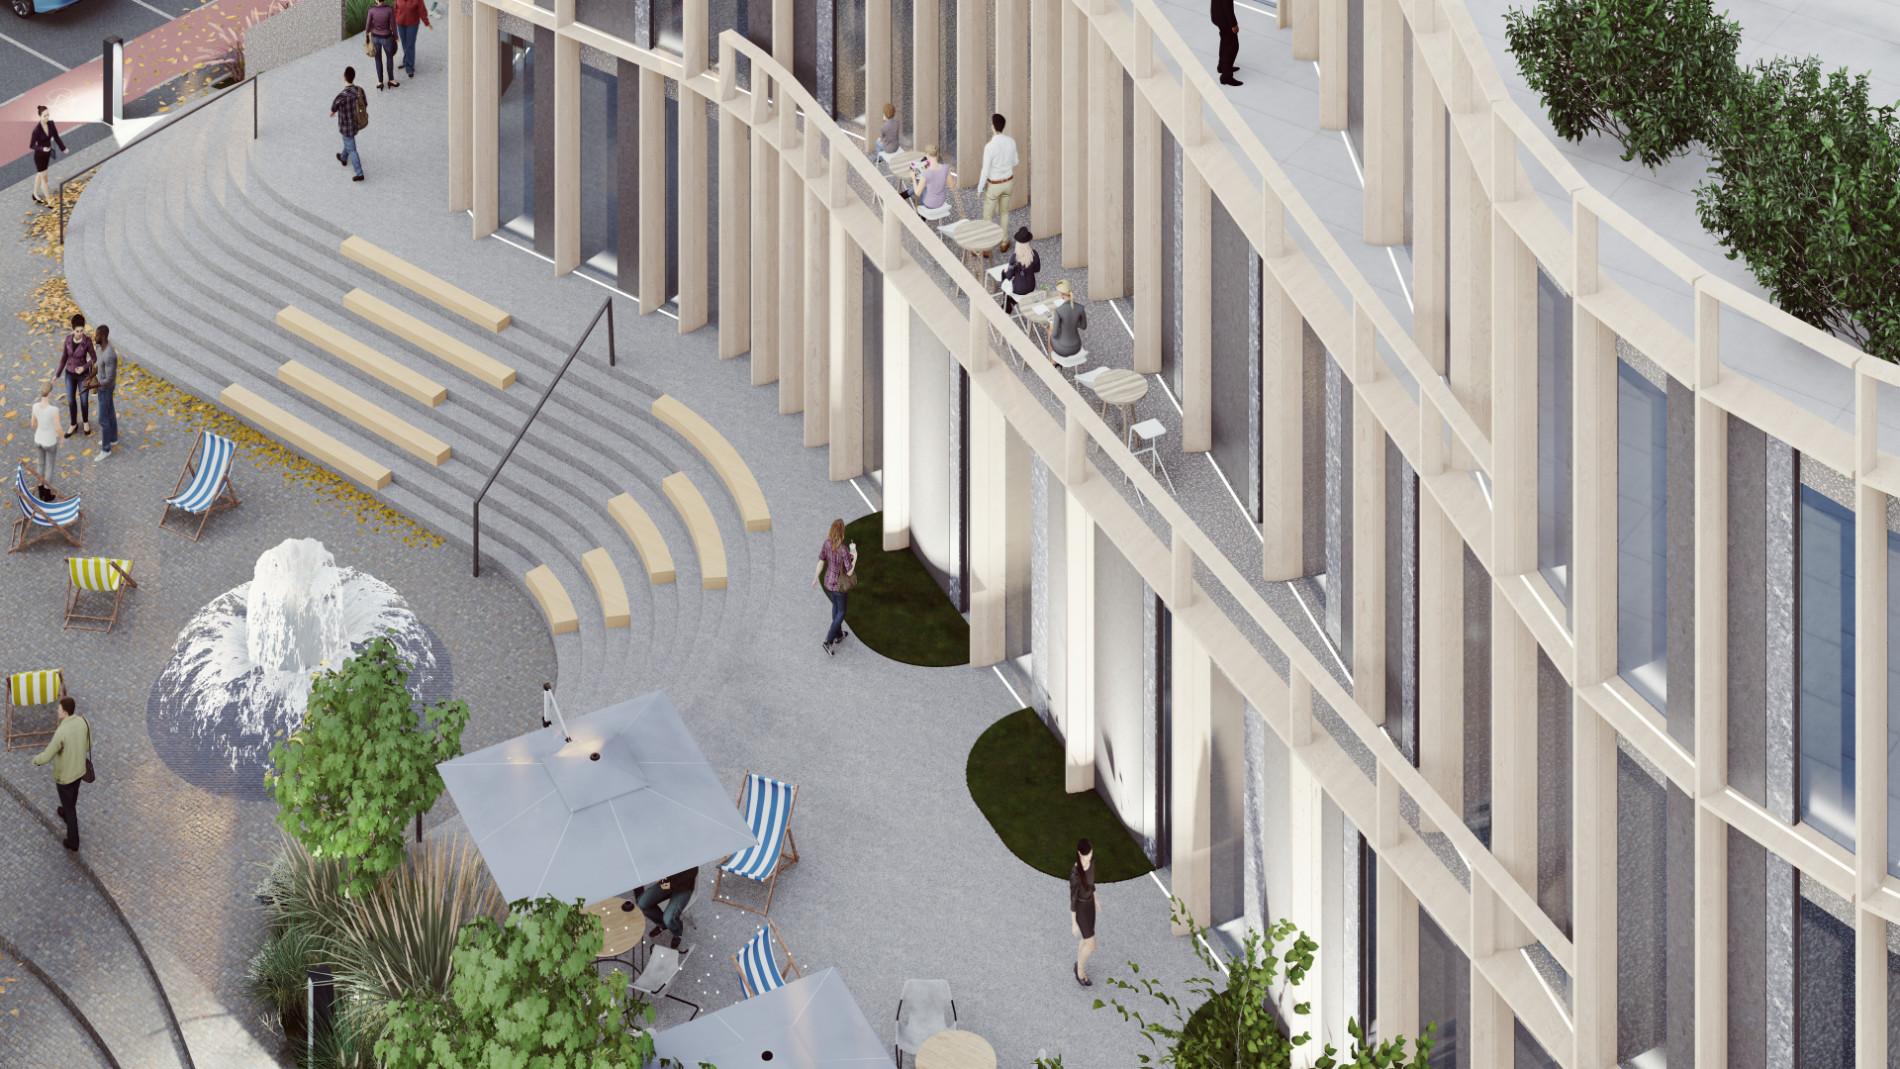 Widok zlotu ptaka nawejście główne dobudynku biurowego wPoznaniu, projekt architektoniczny nowego obiektu zfunkcją biurową, showroomem, kantyną iparkingiem podziemnym